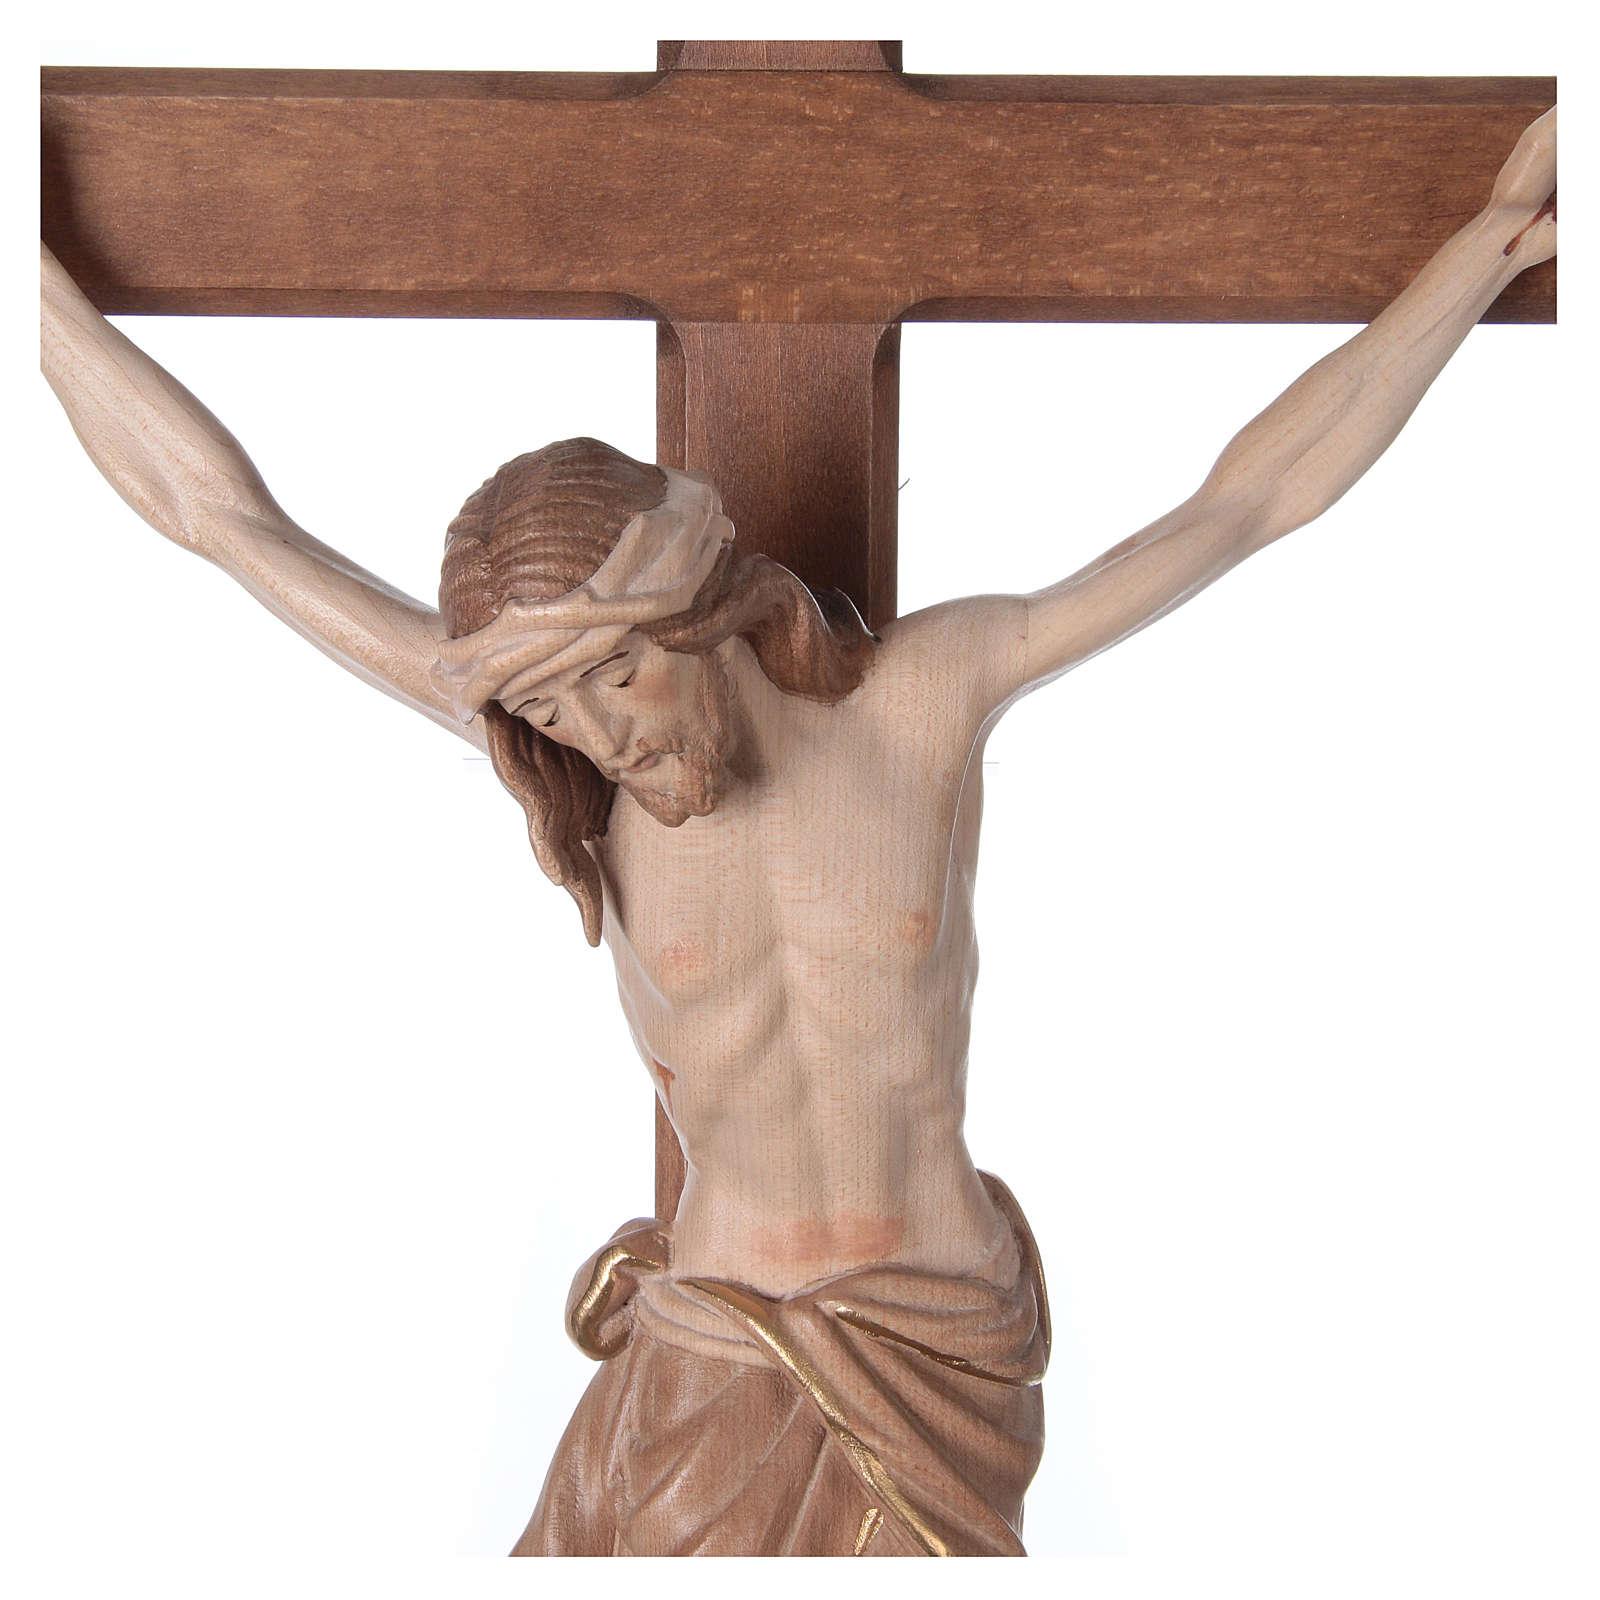 Crocefisso Cristo Siena croce brunita barocca brunito 3 colori 4